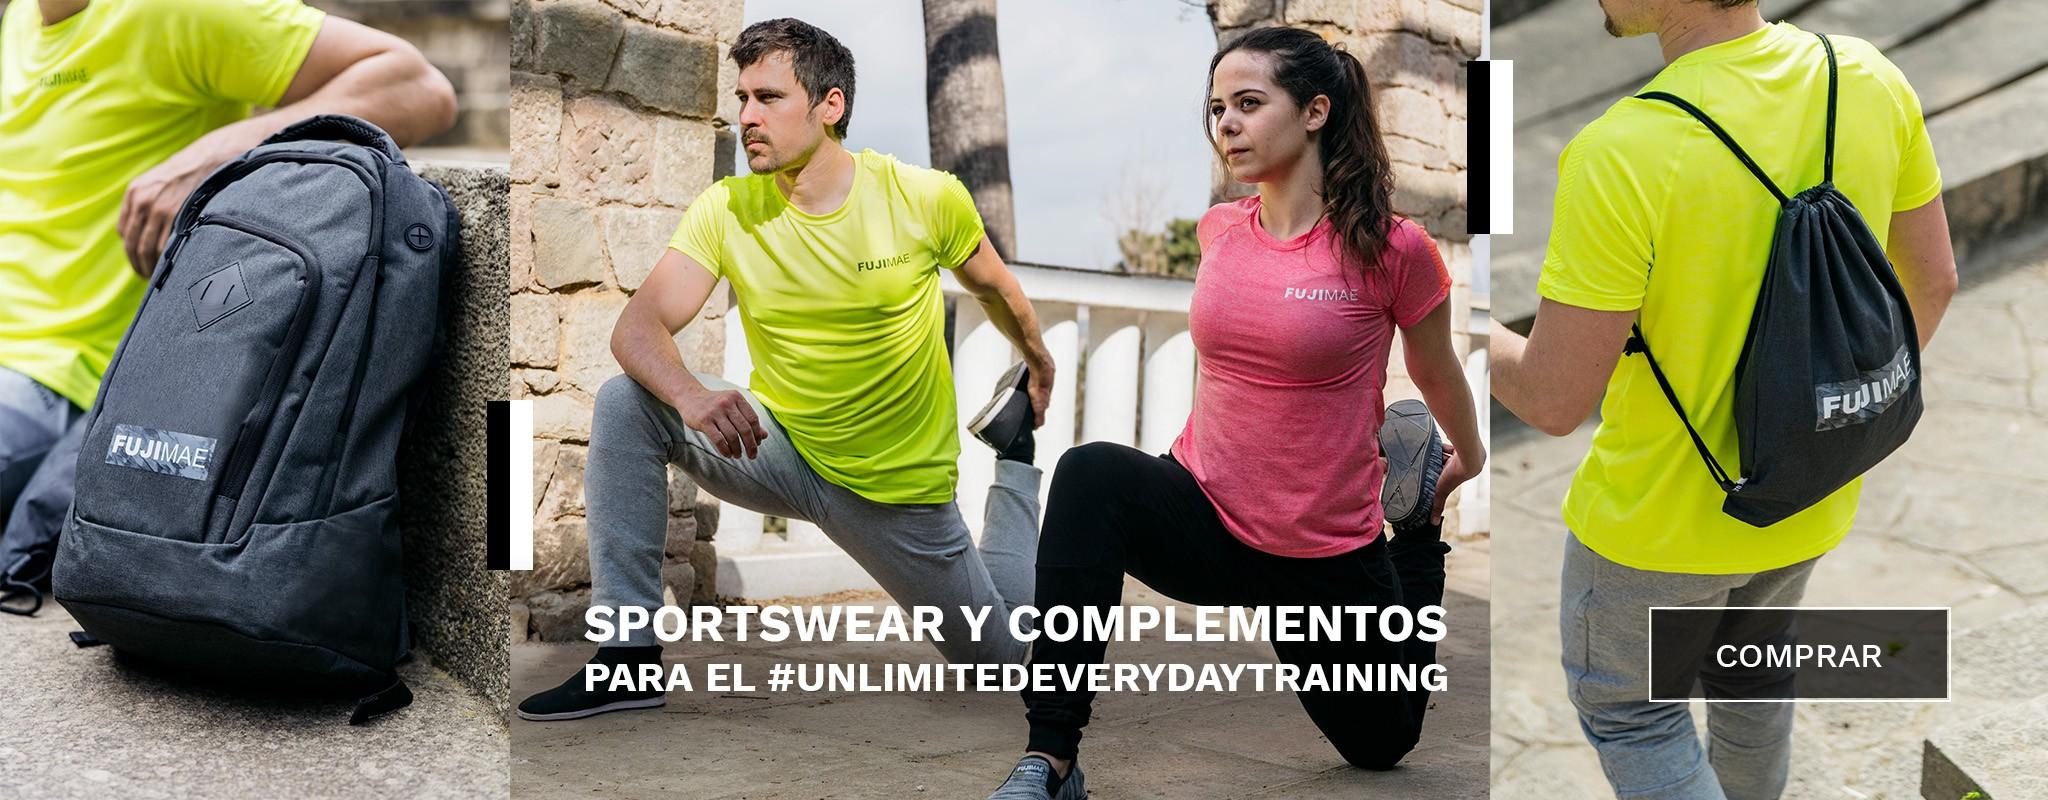 Sportswear y complementos